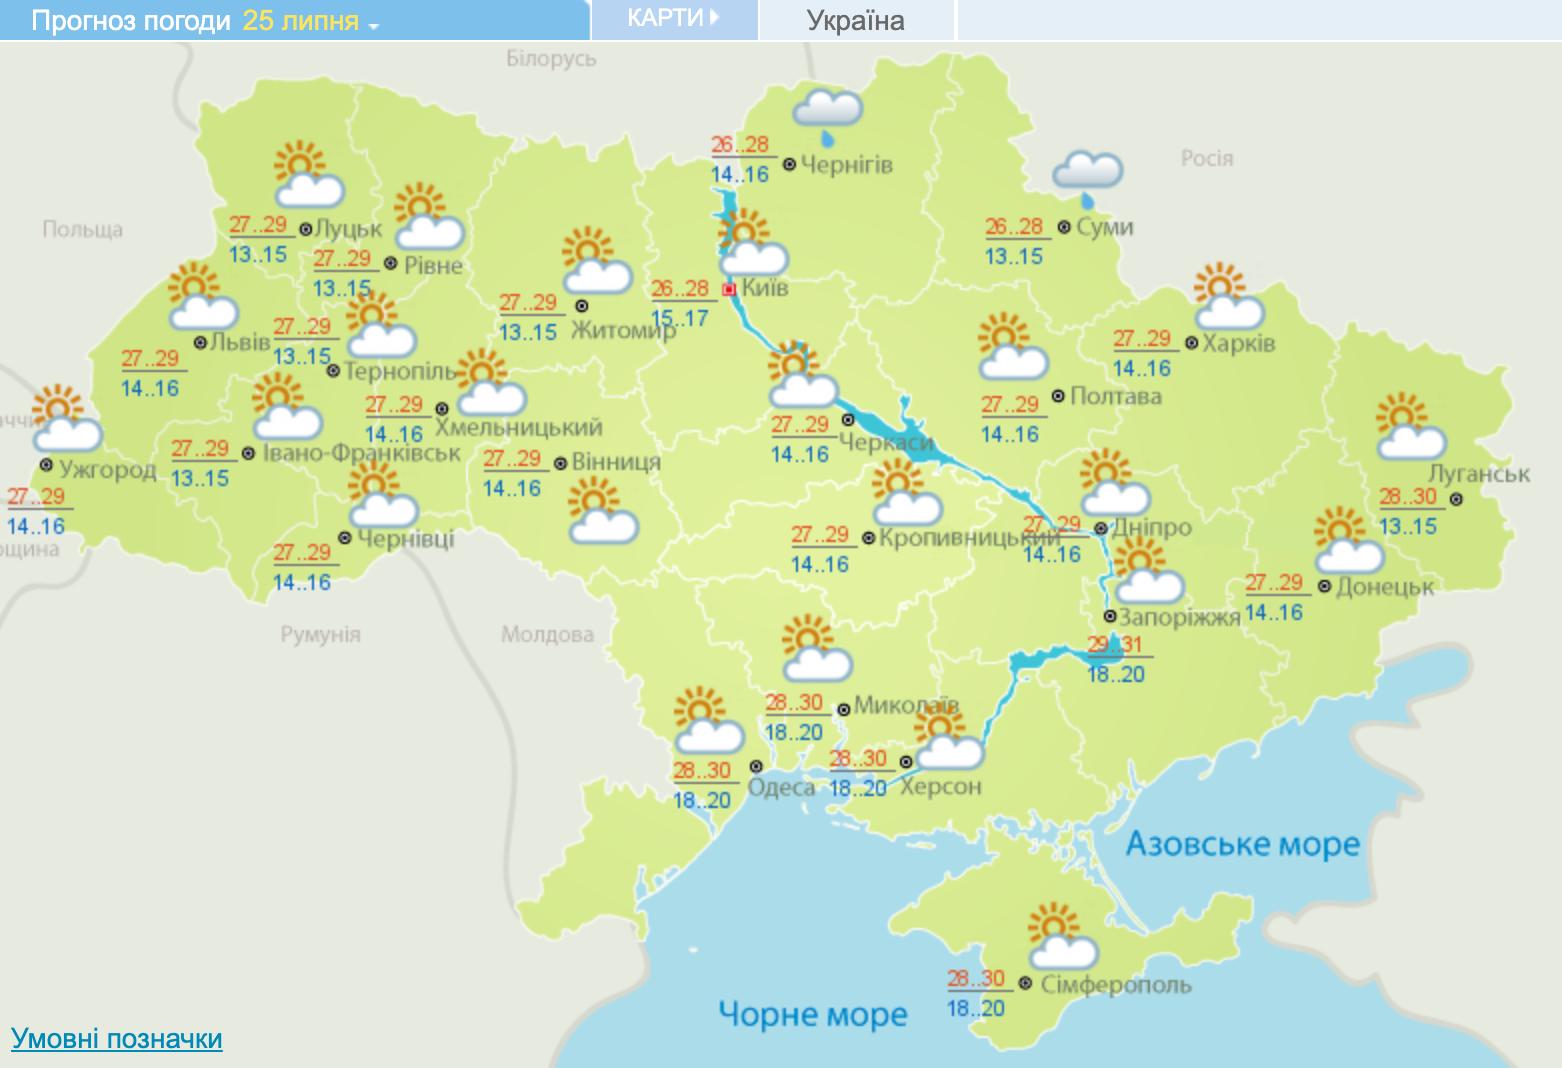 Погода на 25 июля. Карта: Укргидрометцентр